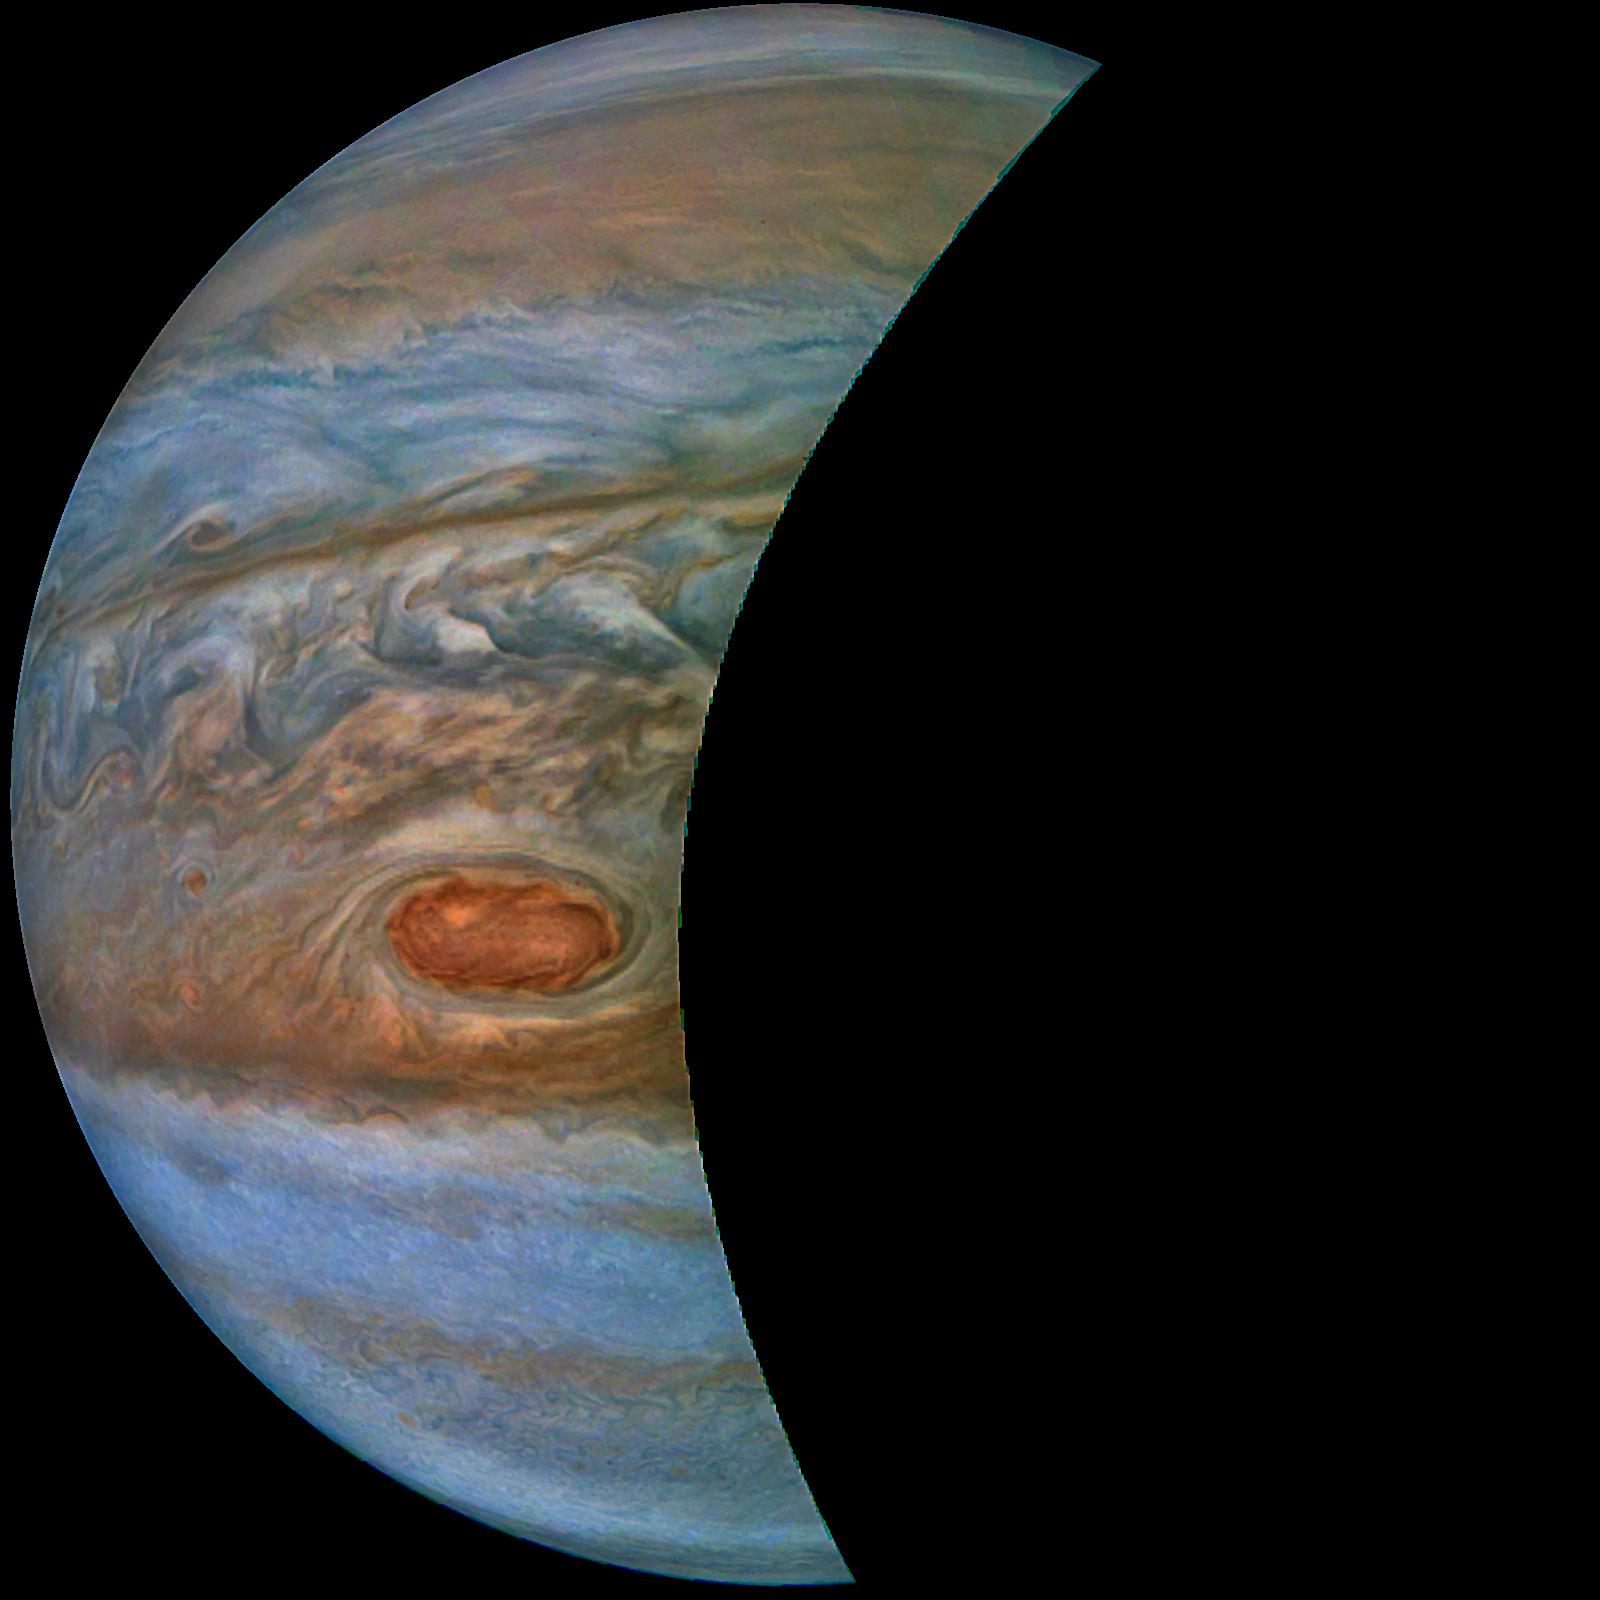 RØD FLEKK: Forskningsleder ved Norsk Romsenter, Terje Wahl opplyser at bildene fra NASA blant annet gir et detaljert bilde av den berømte røde flekken som stammer fra en gigantisk storm i Jupiters atmosfære. Stormen har pågått så lenge det har vært teleskoper på jorden.